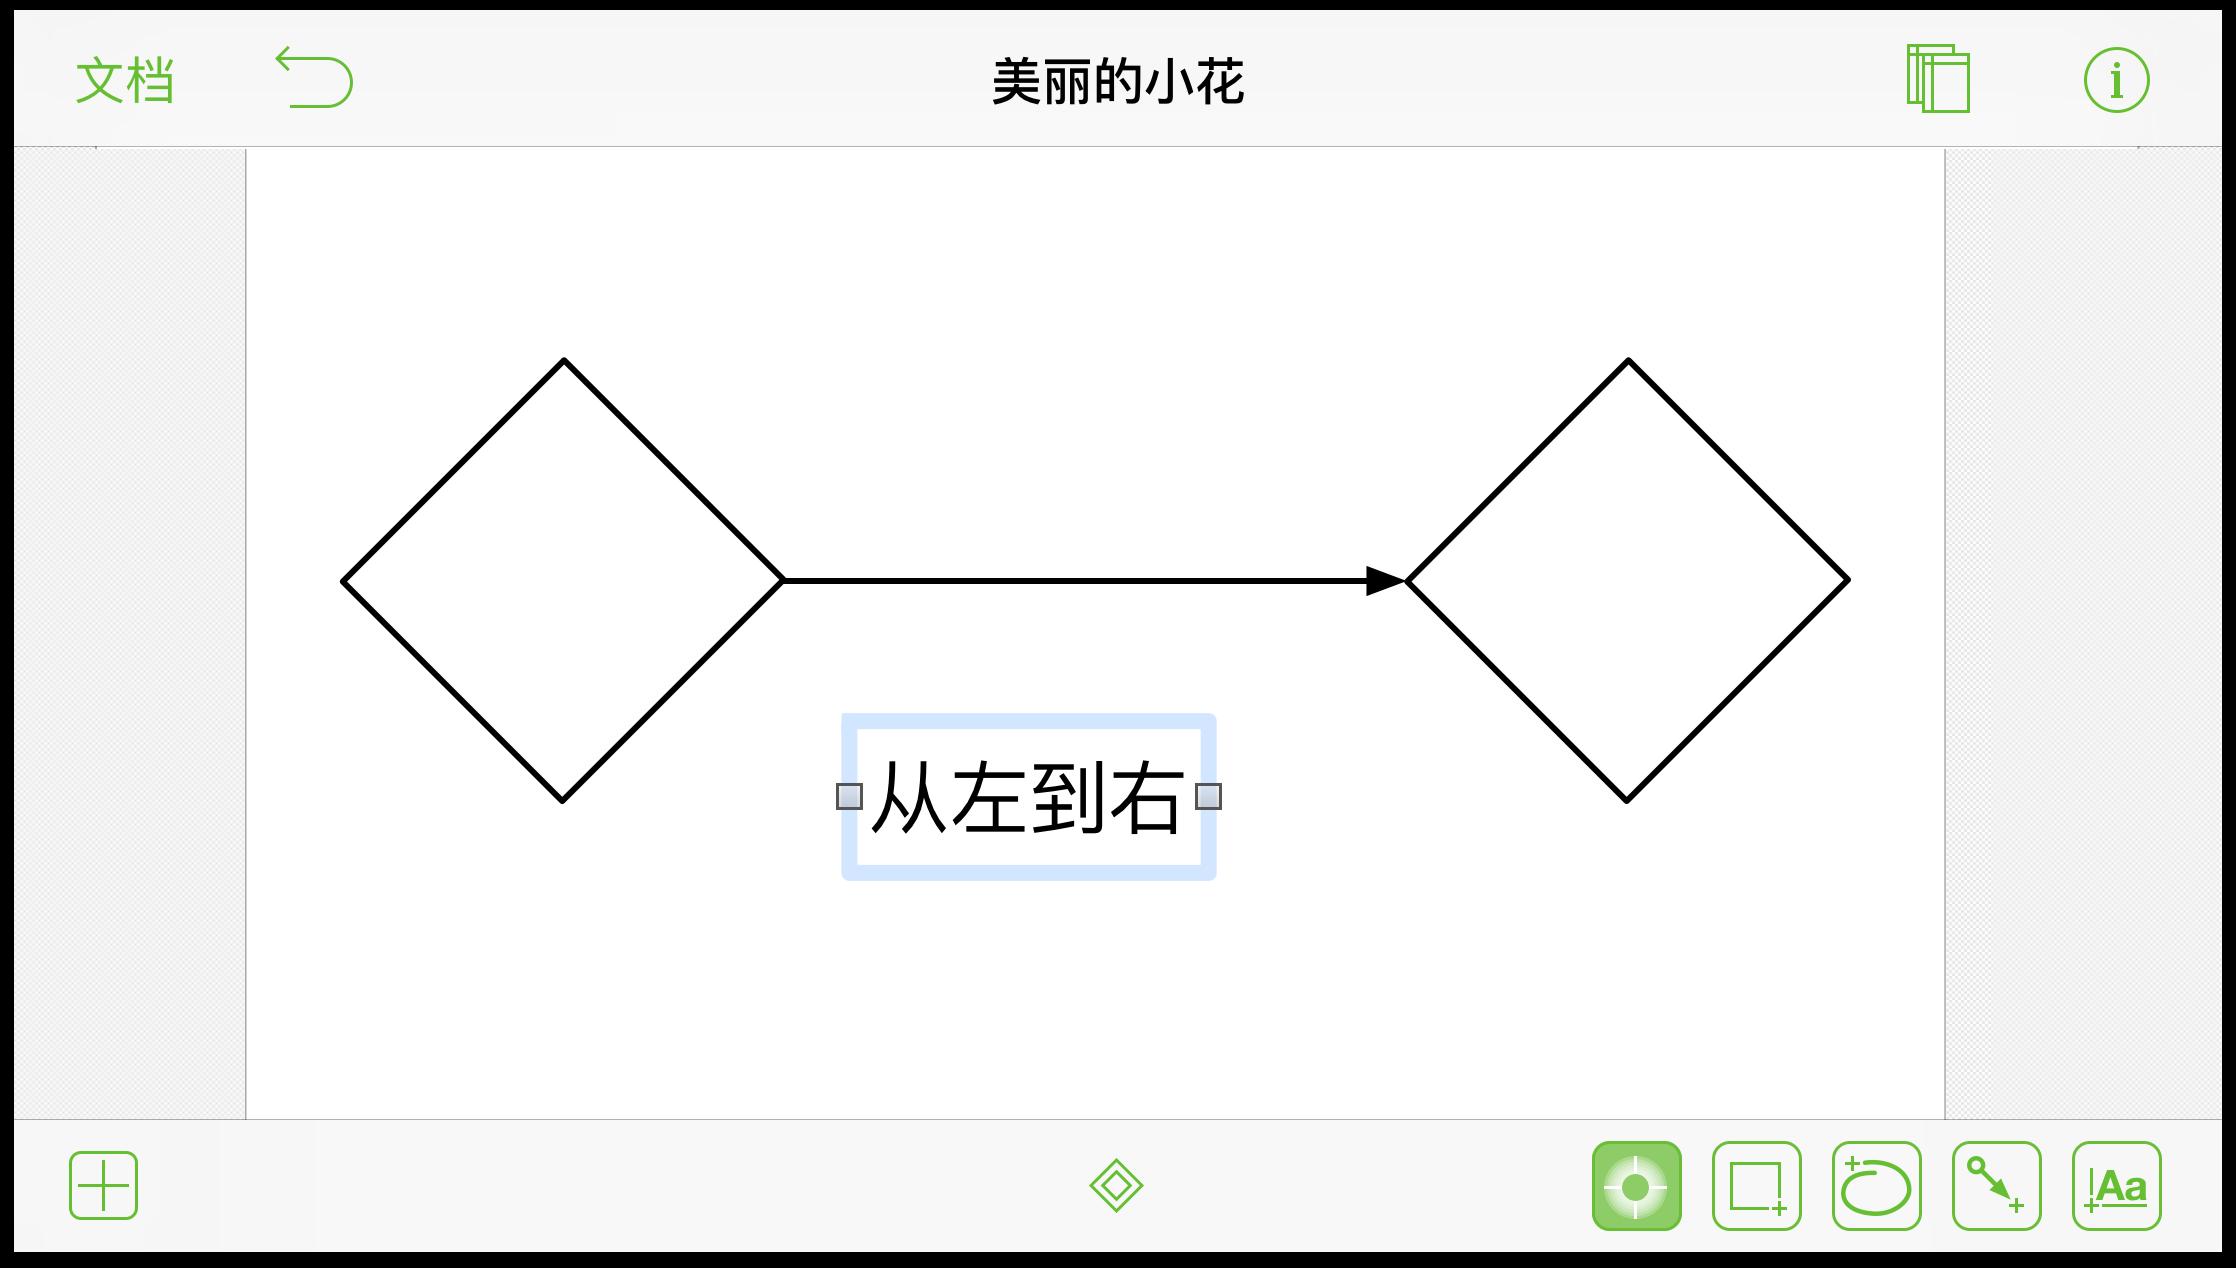 下方带有文本标签并以一根线条连接的两个菱形